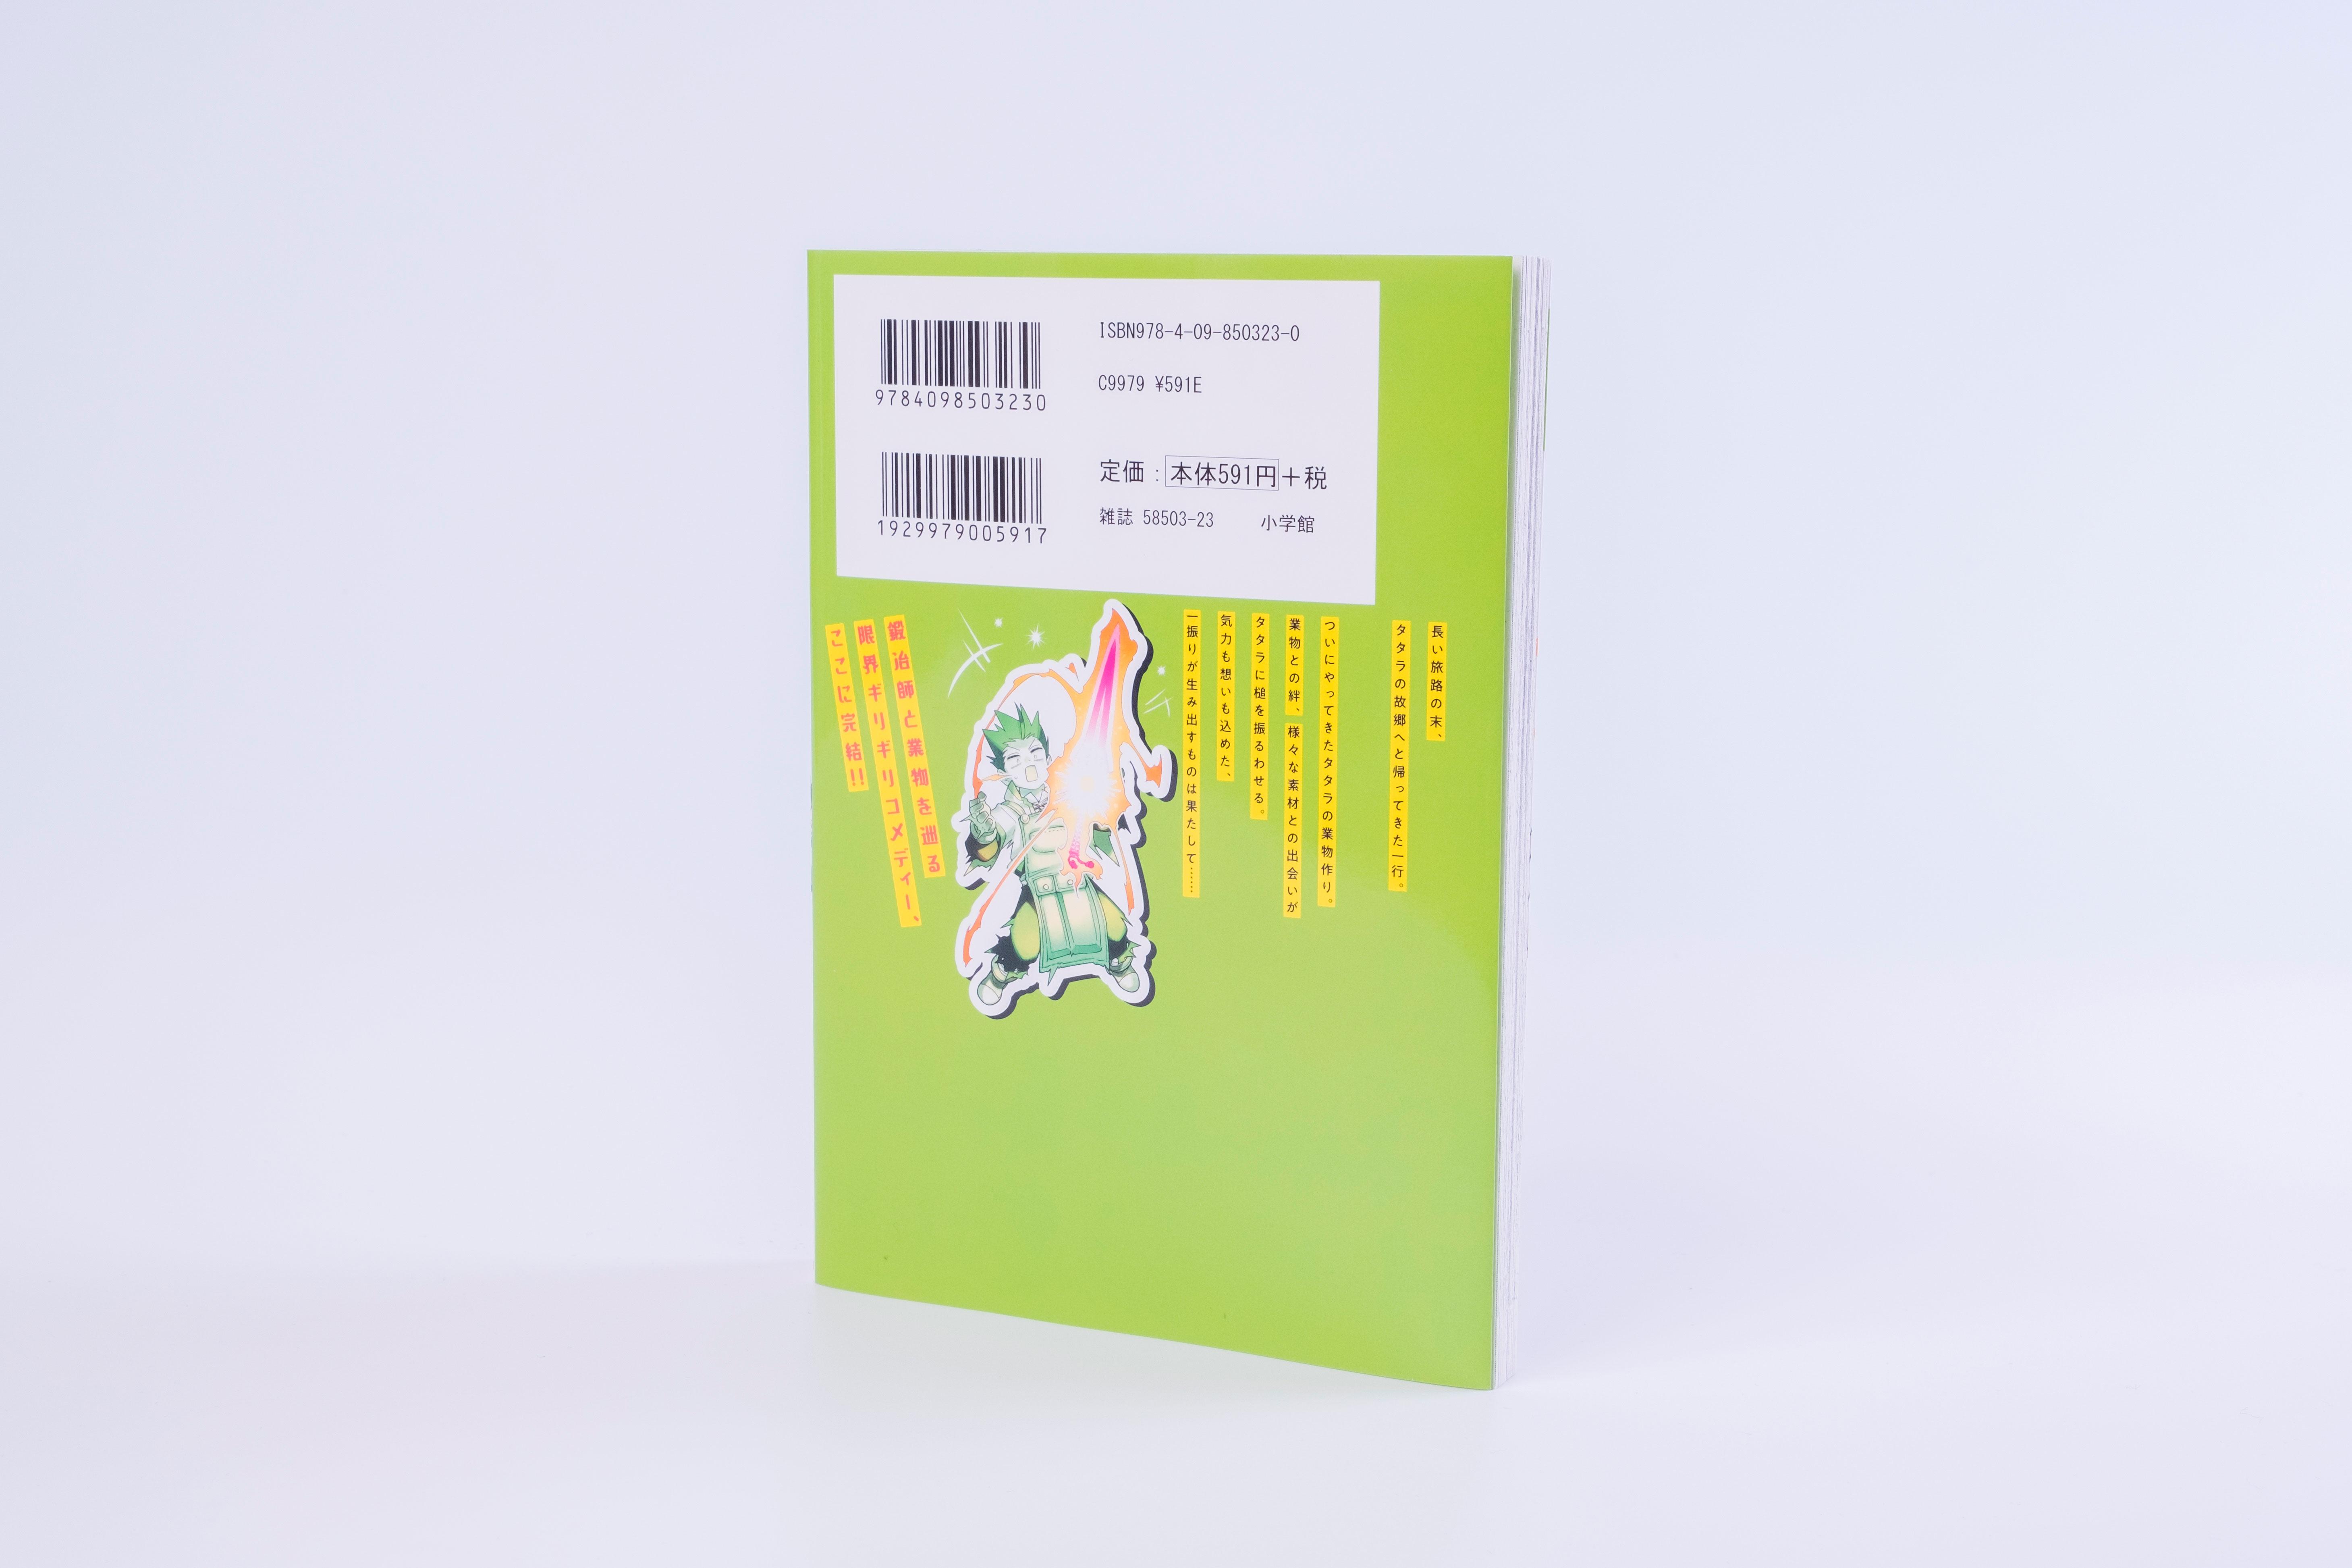 ヌけない聖剣ちゃん 第6巻